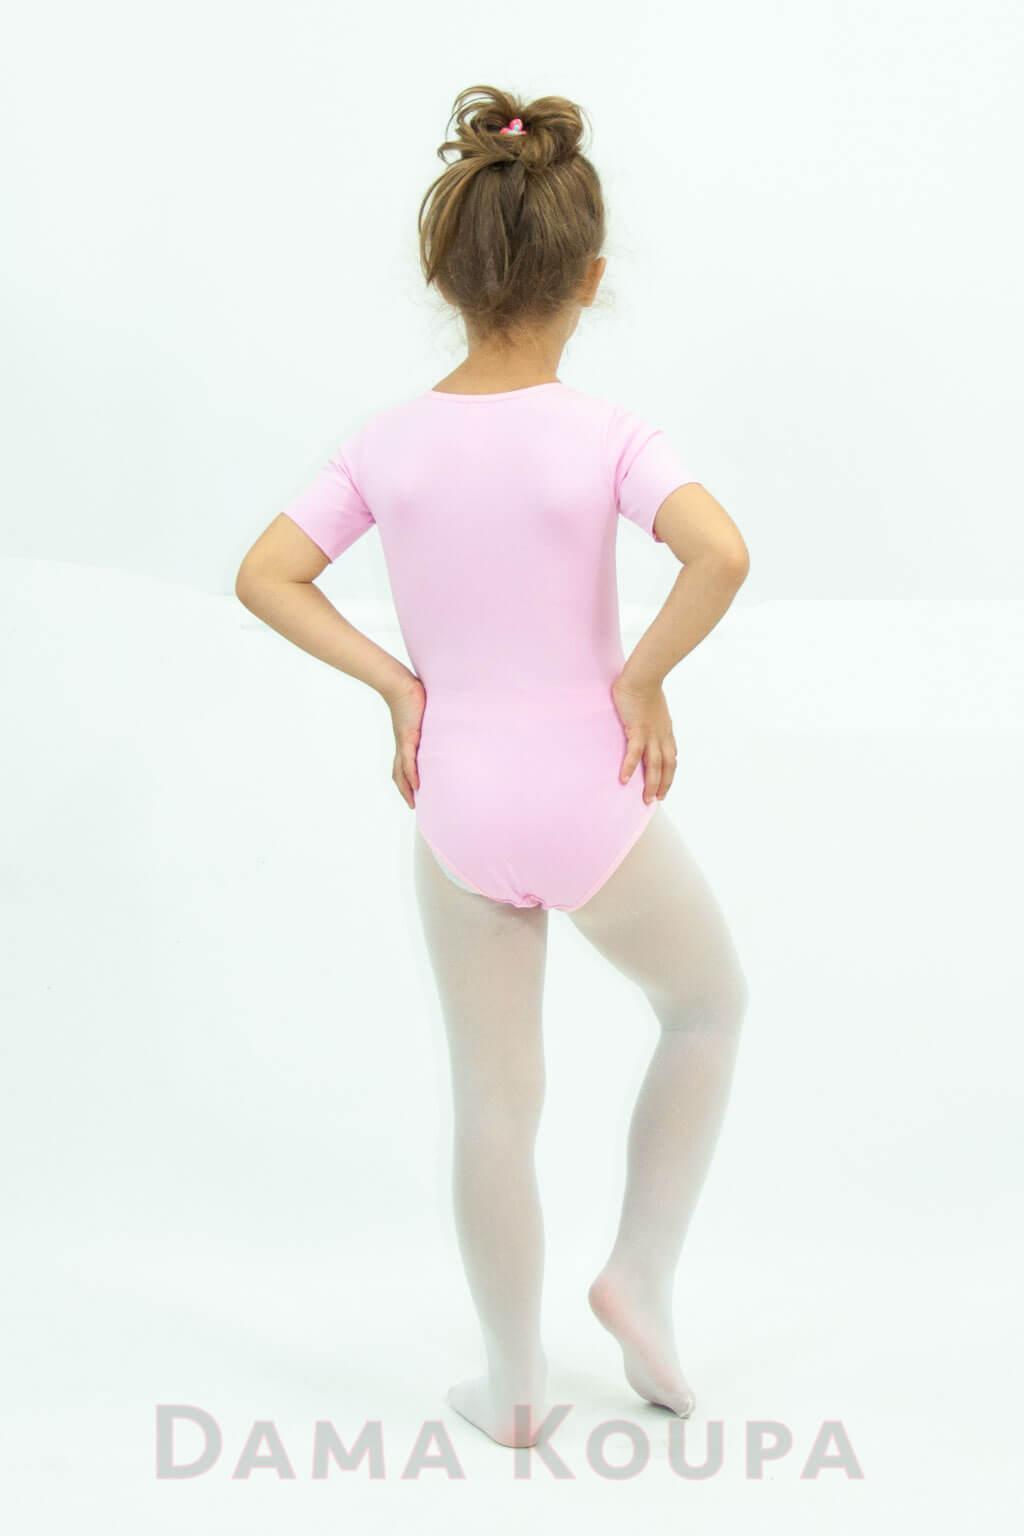 Παιδικό κορμάκι βαμβακολύκρα με κοντό μανίκι ροζ Dama Koupa 48ff5343d0c